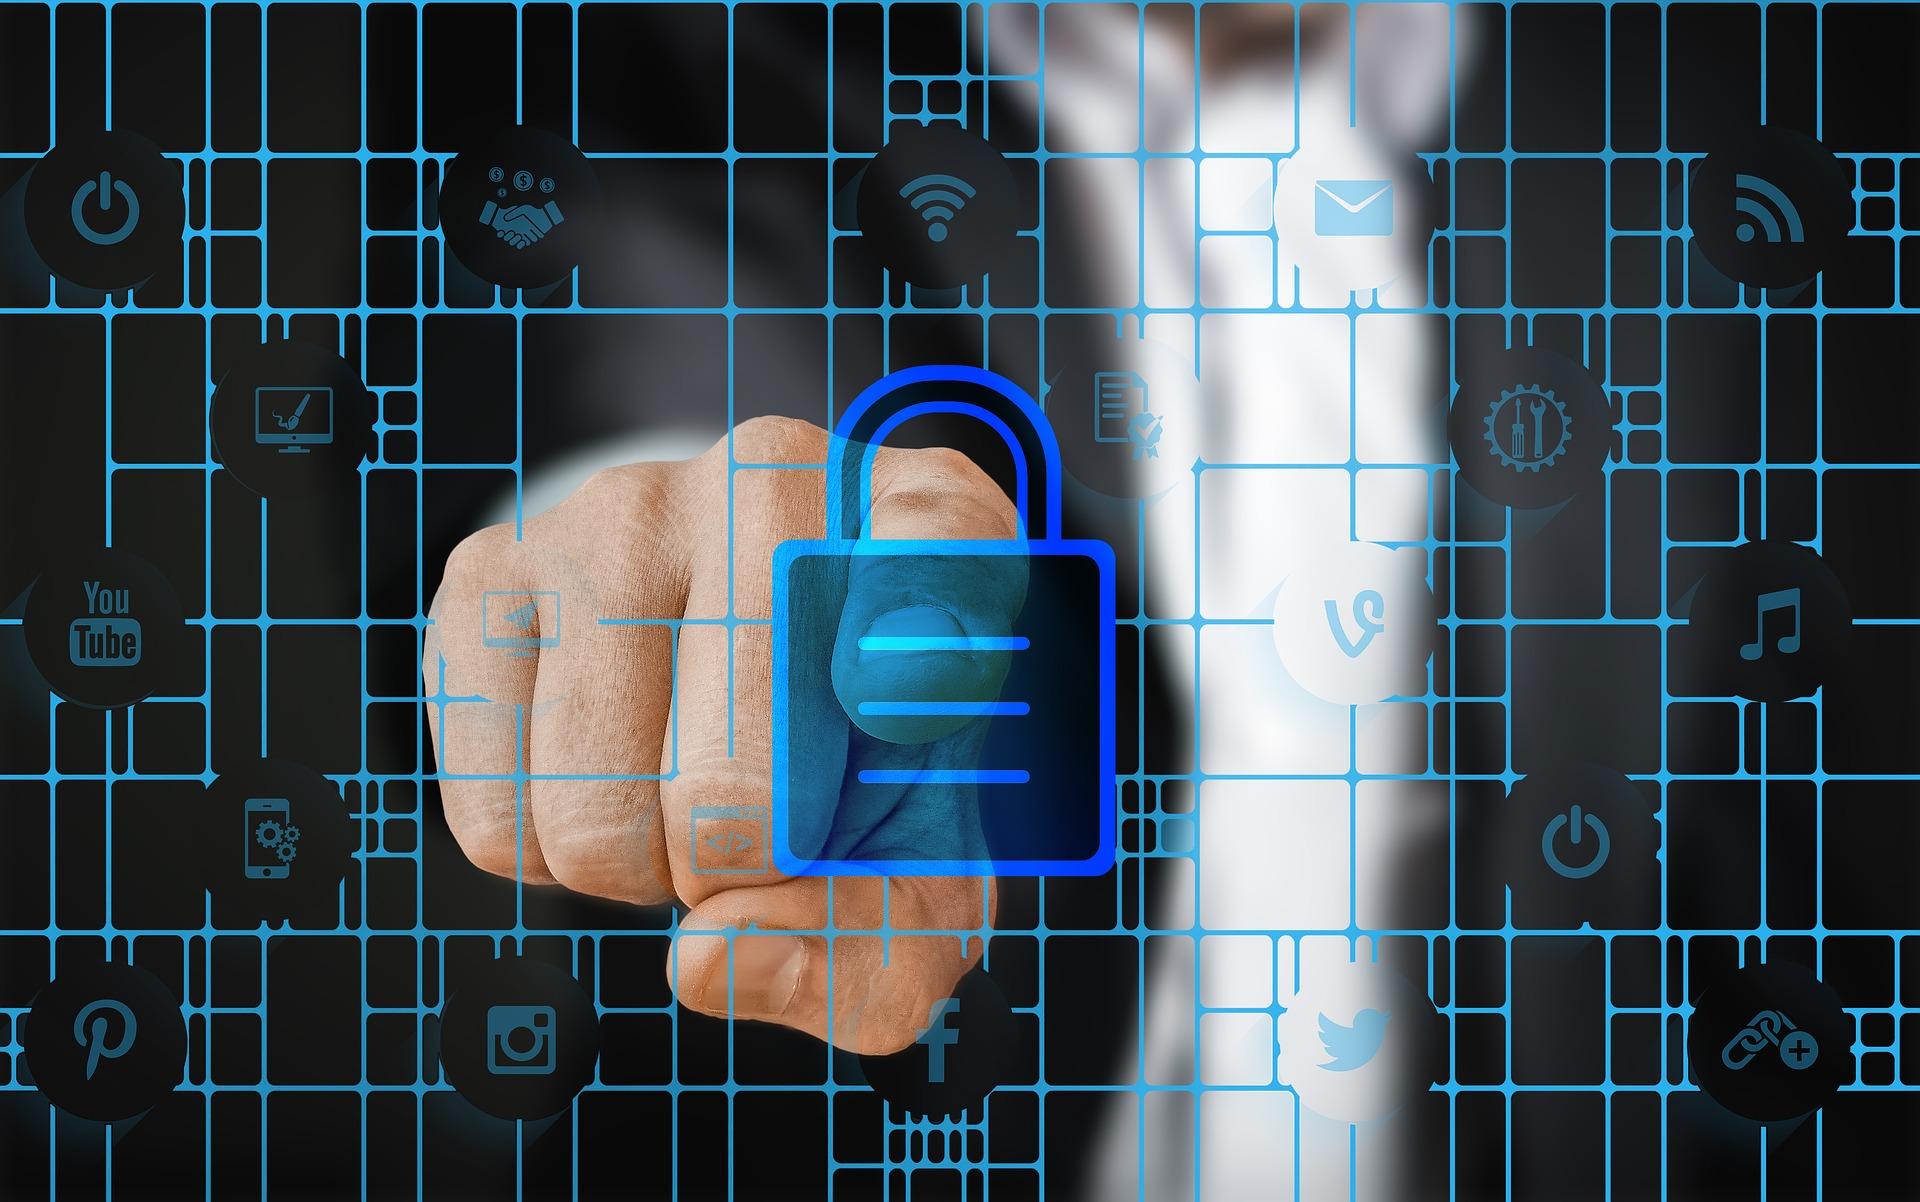 Segurança da informação: tudo o que você precisa saber